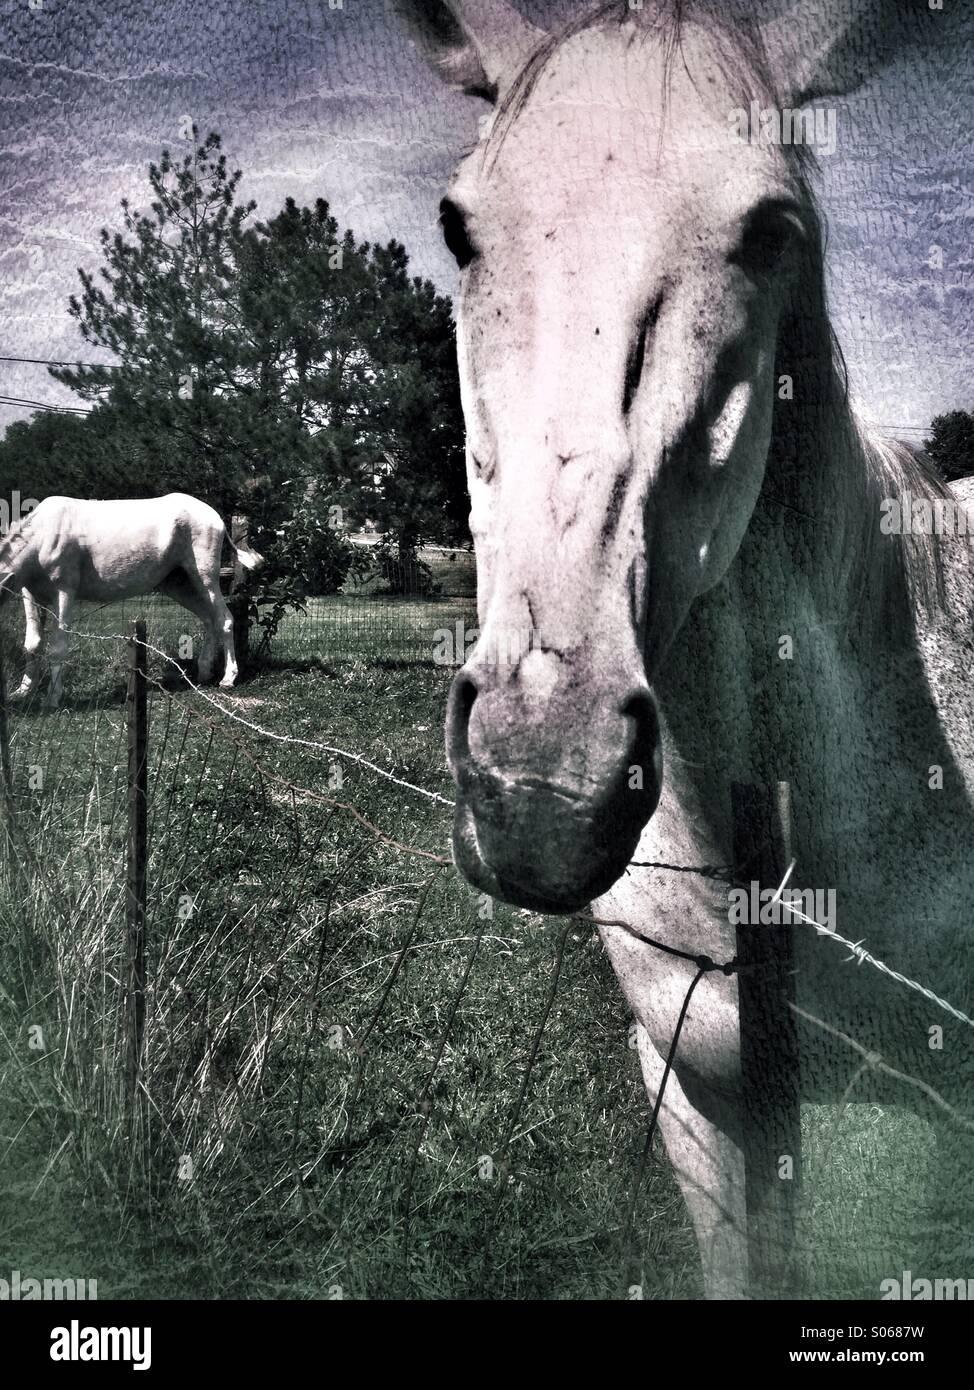 White horse gaze. - Stock Image